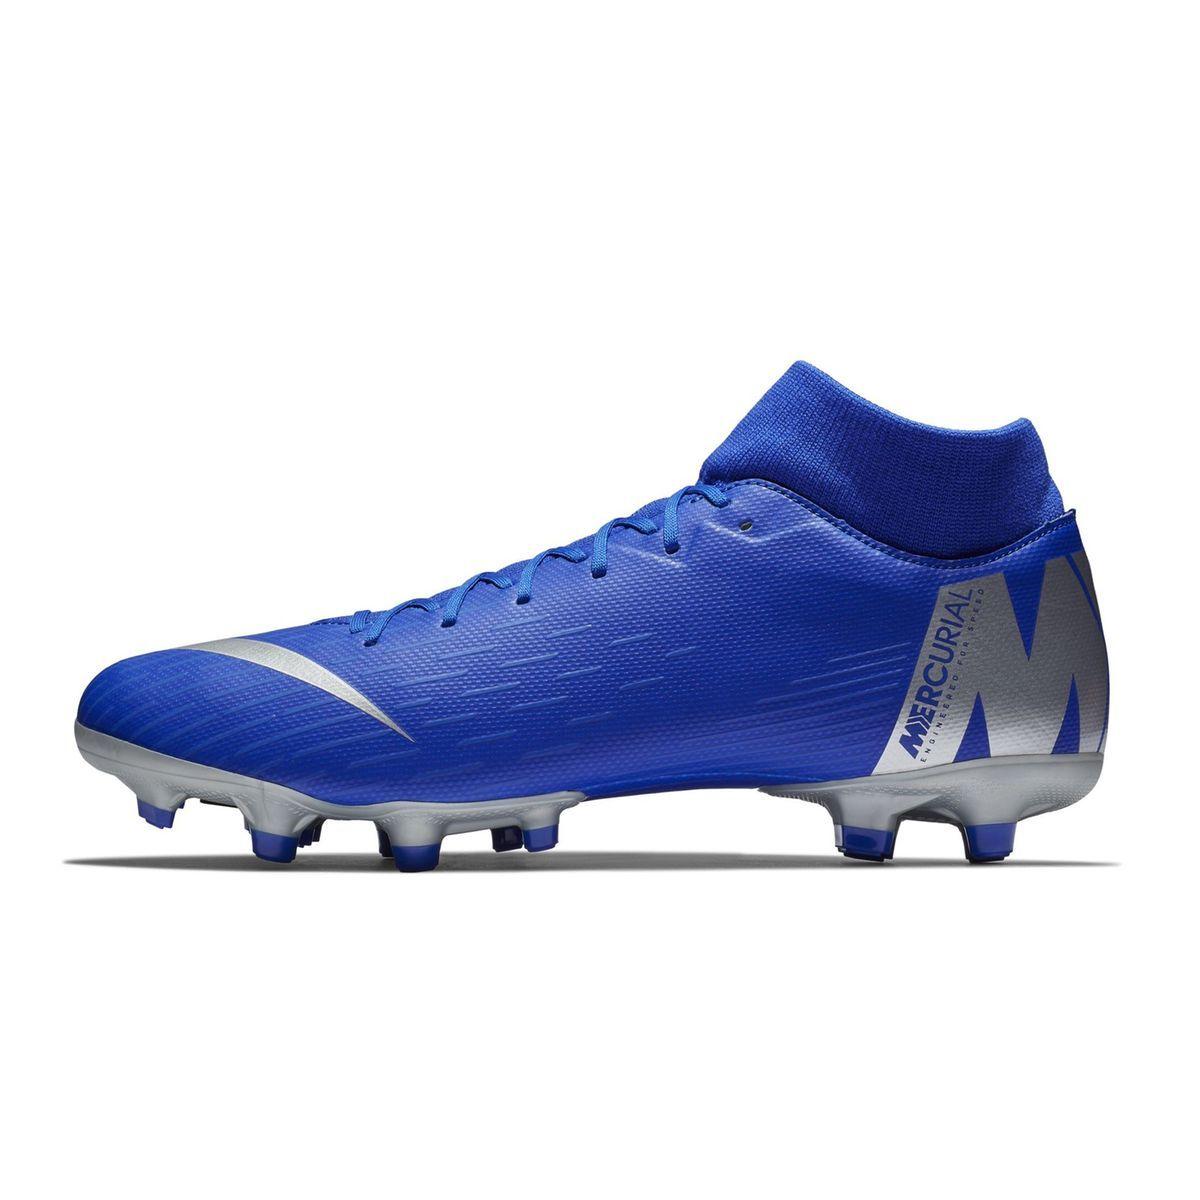 chaussure de foot nike bleu